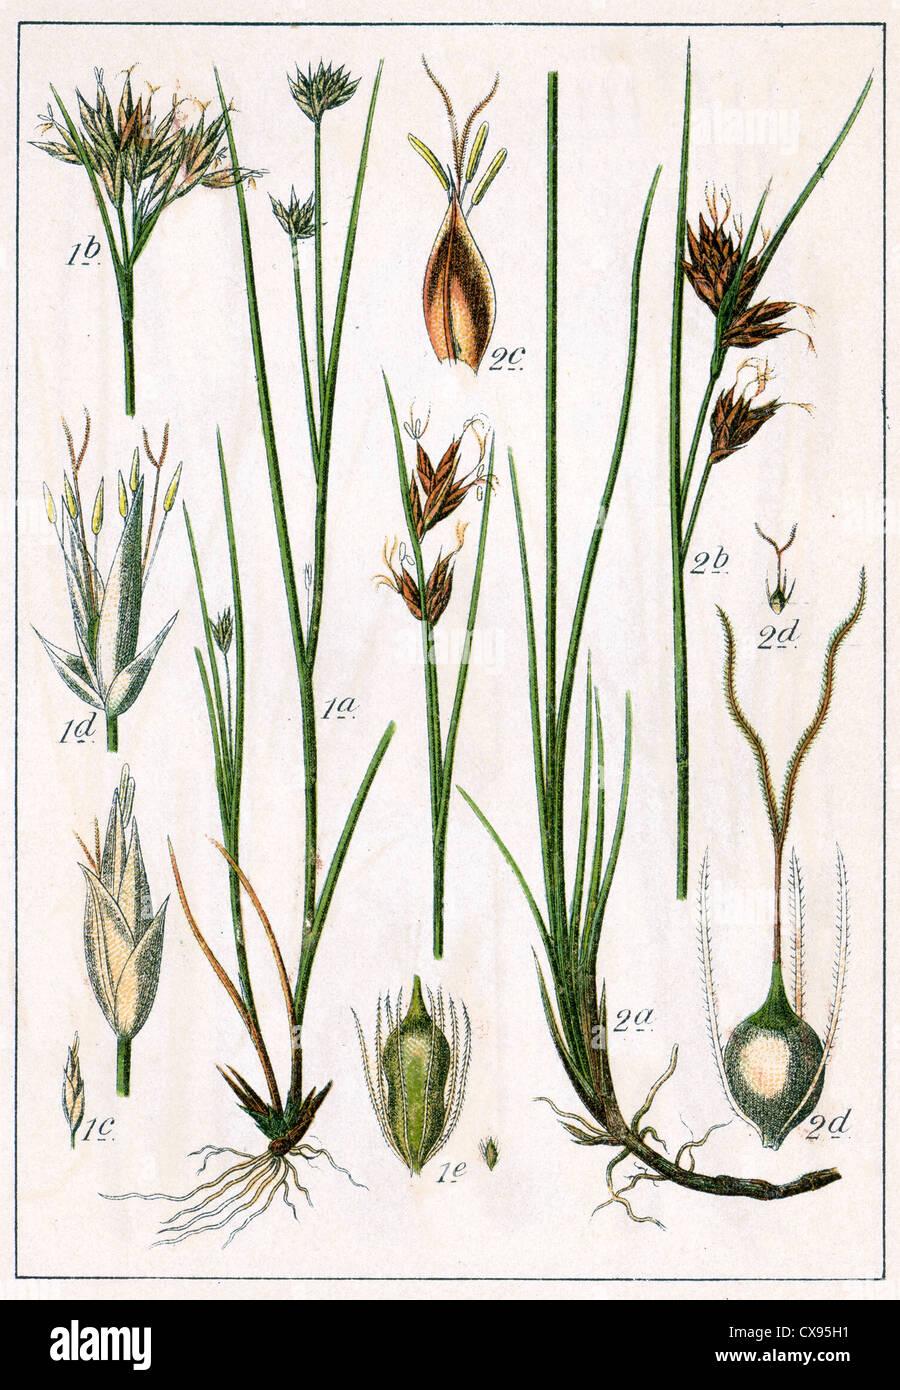 Rhynchospora alba - Rhynchospora fusca Stock Photo